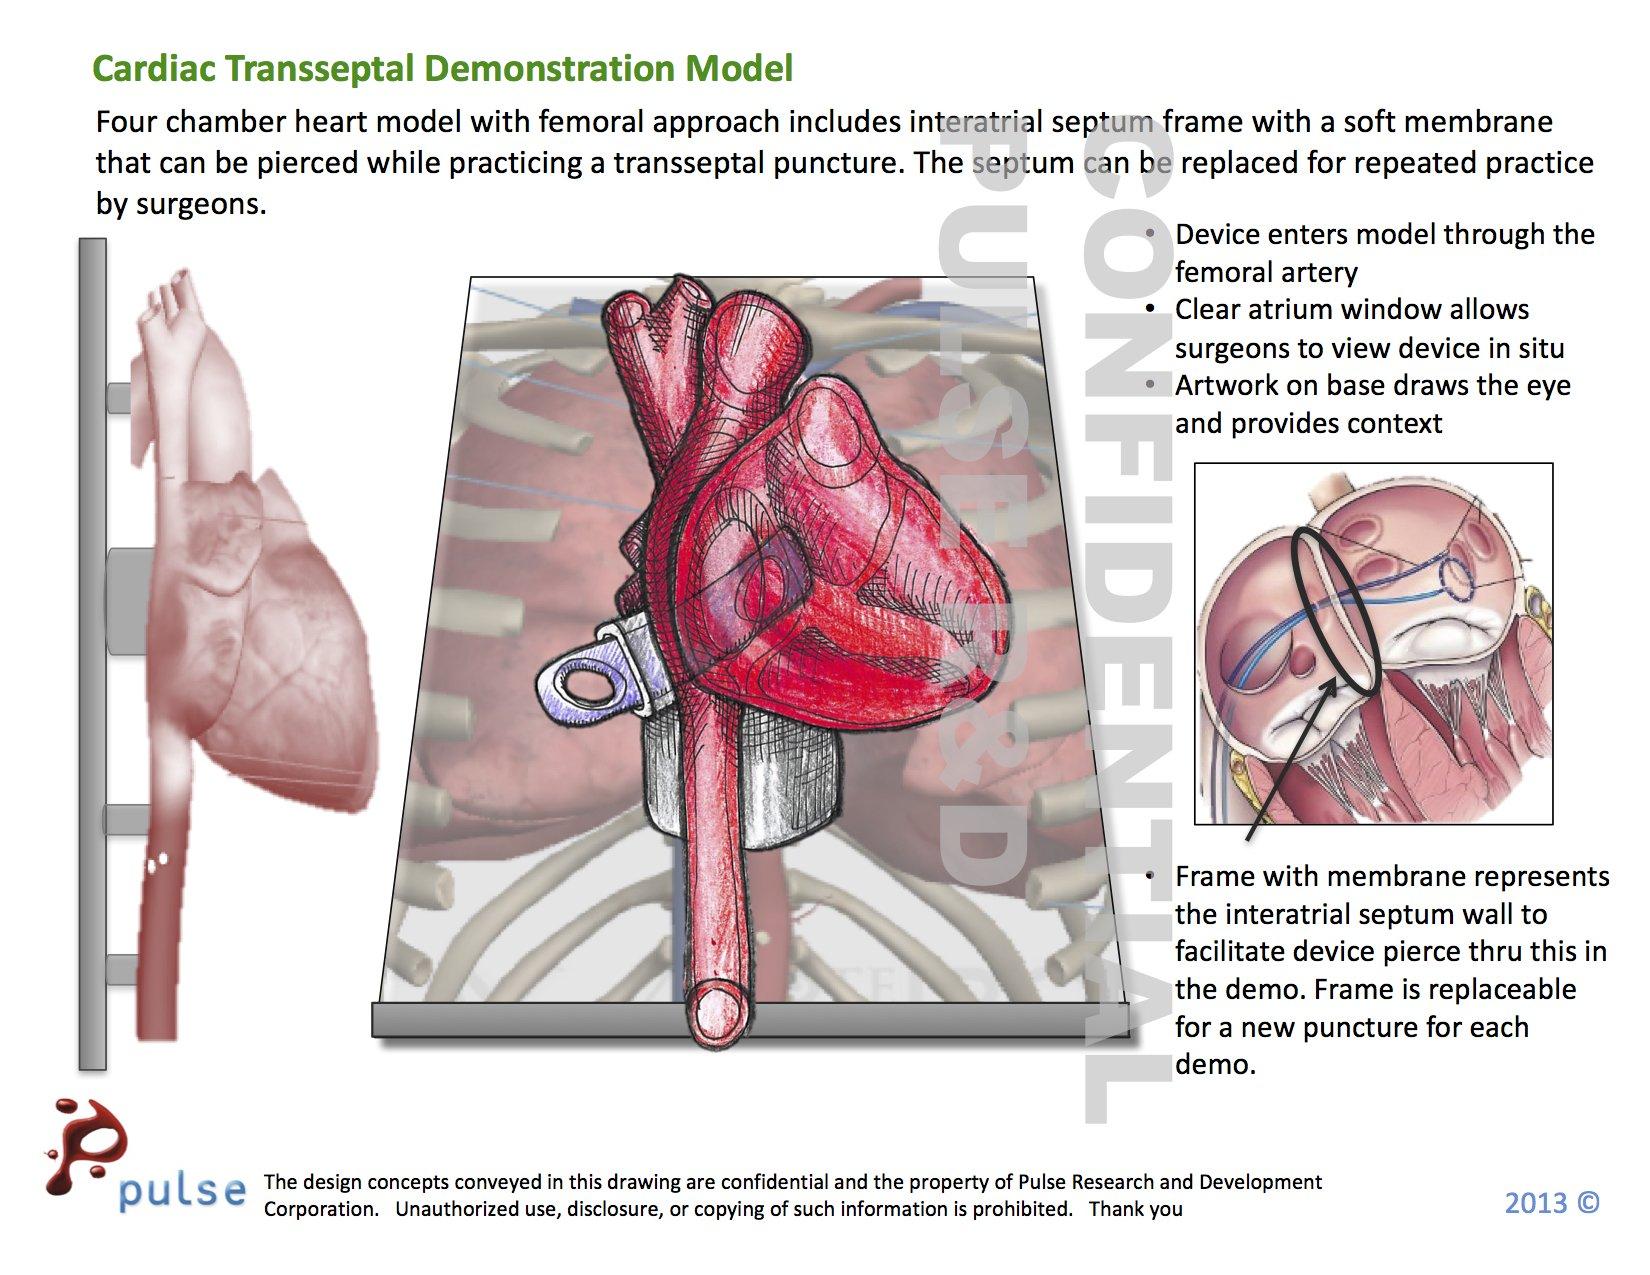 anatomy models | Pulse Medical Demonstration Models